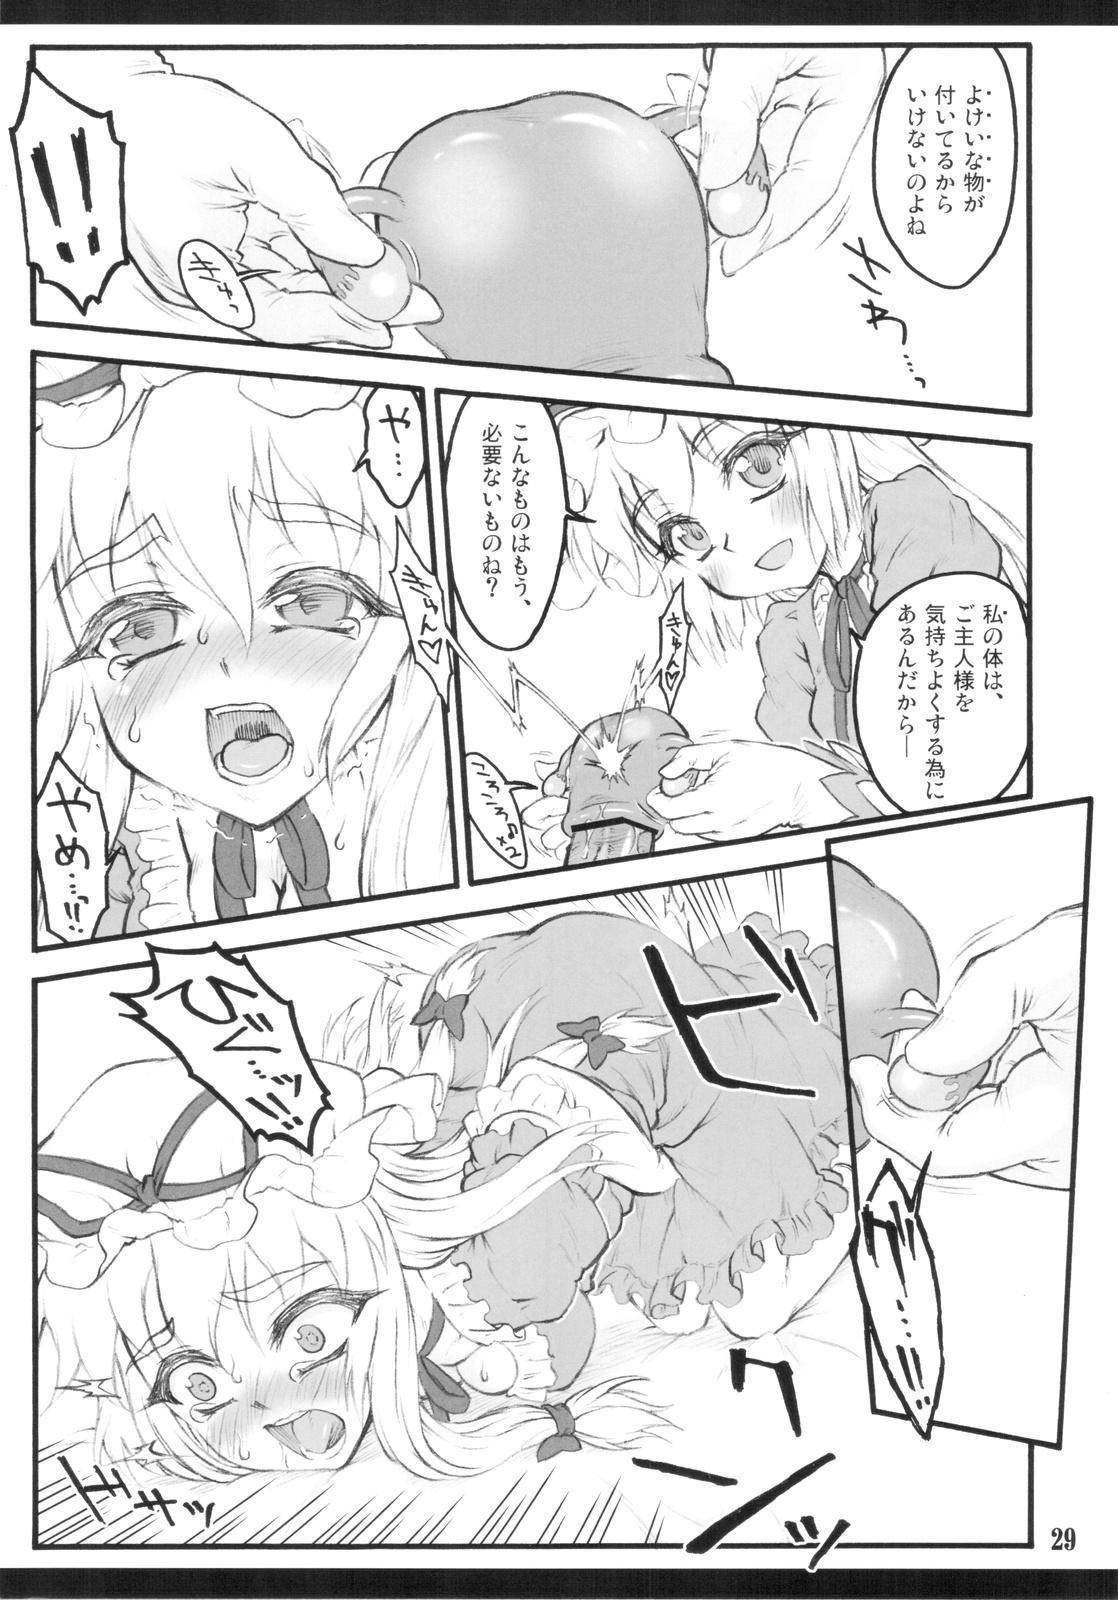 Yukari x Yukari 26